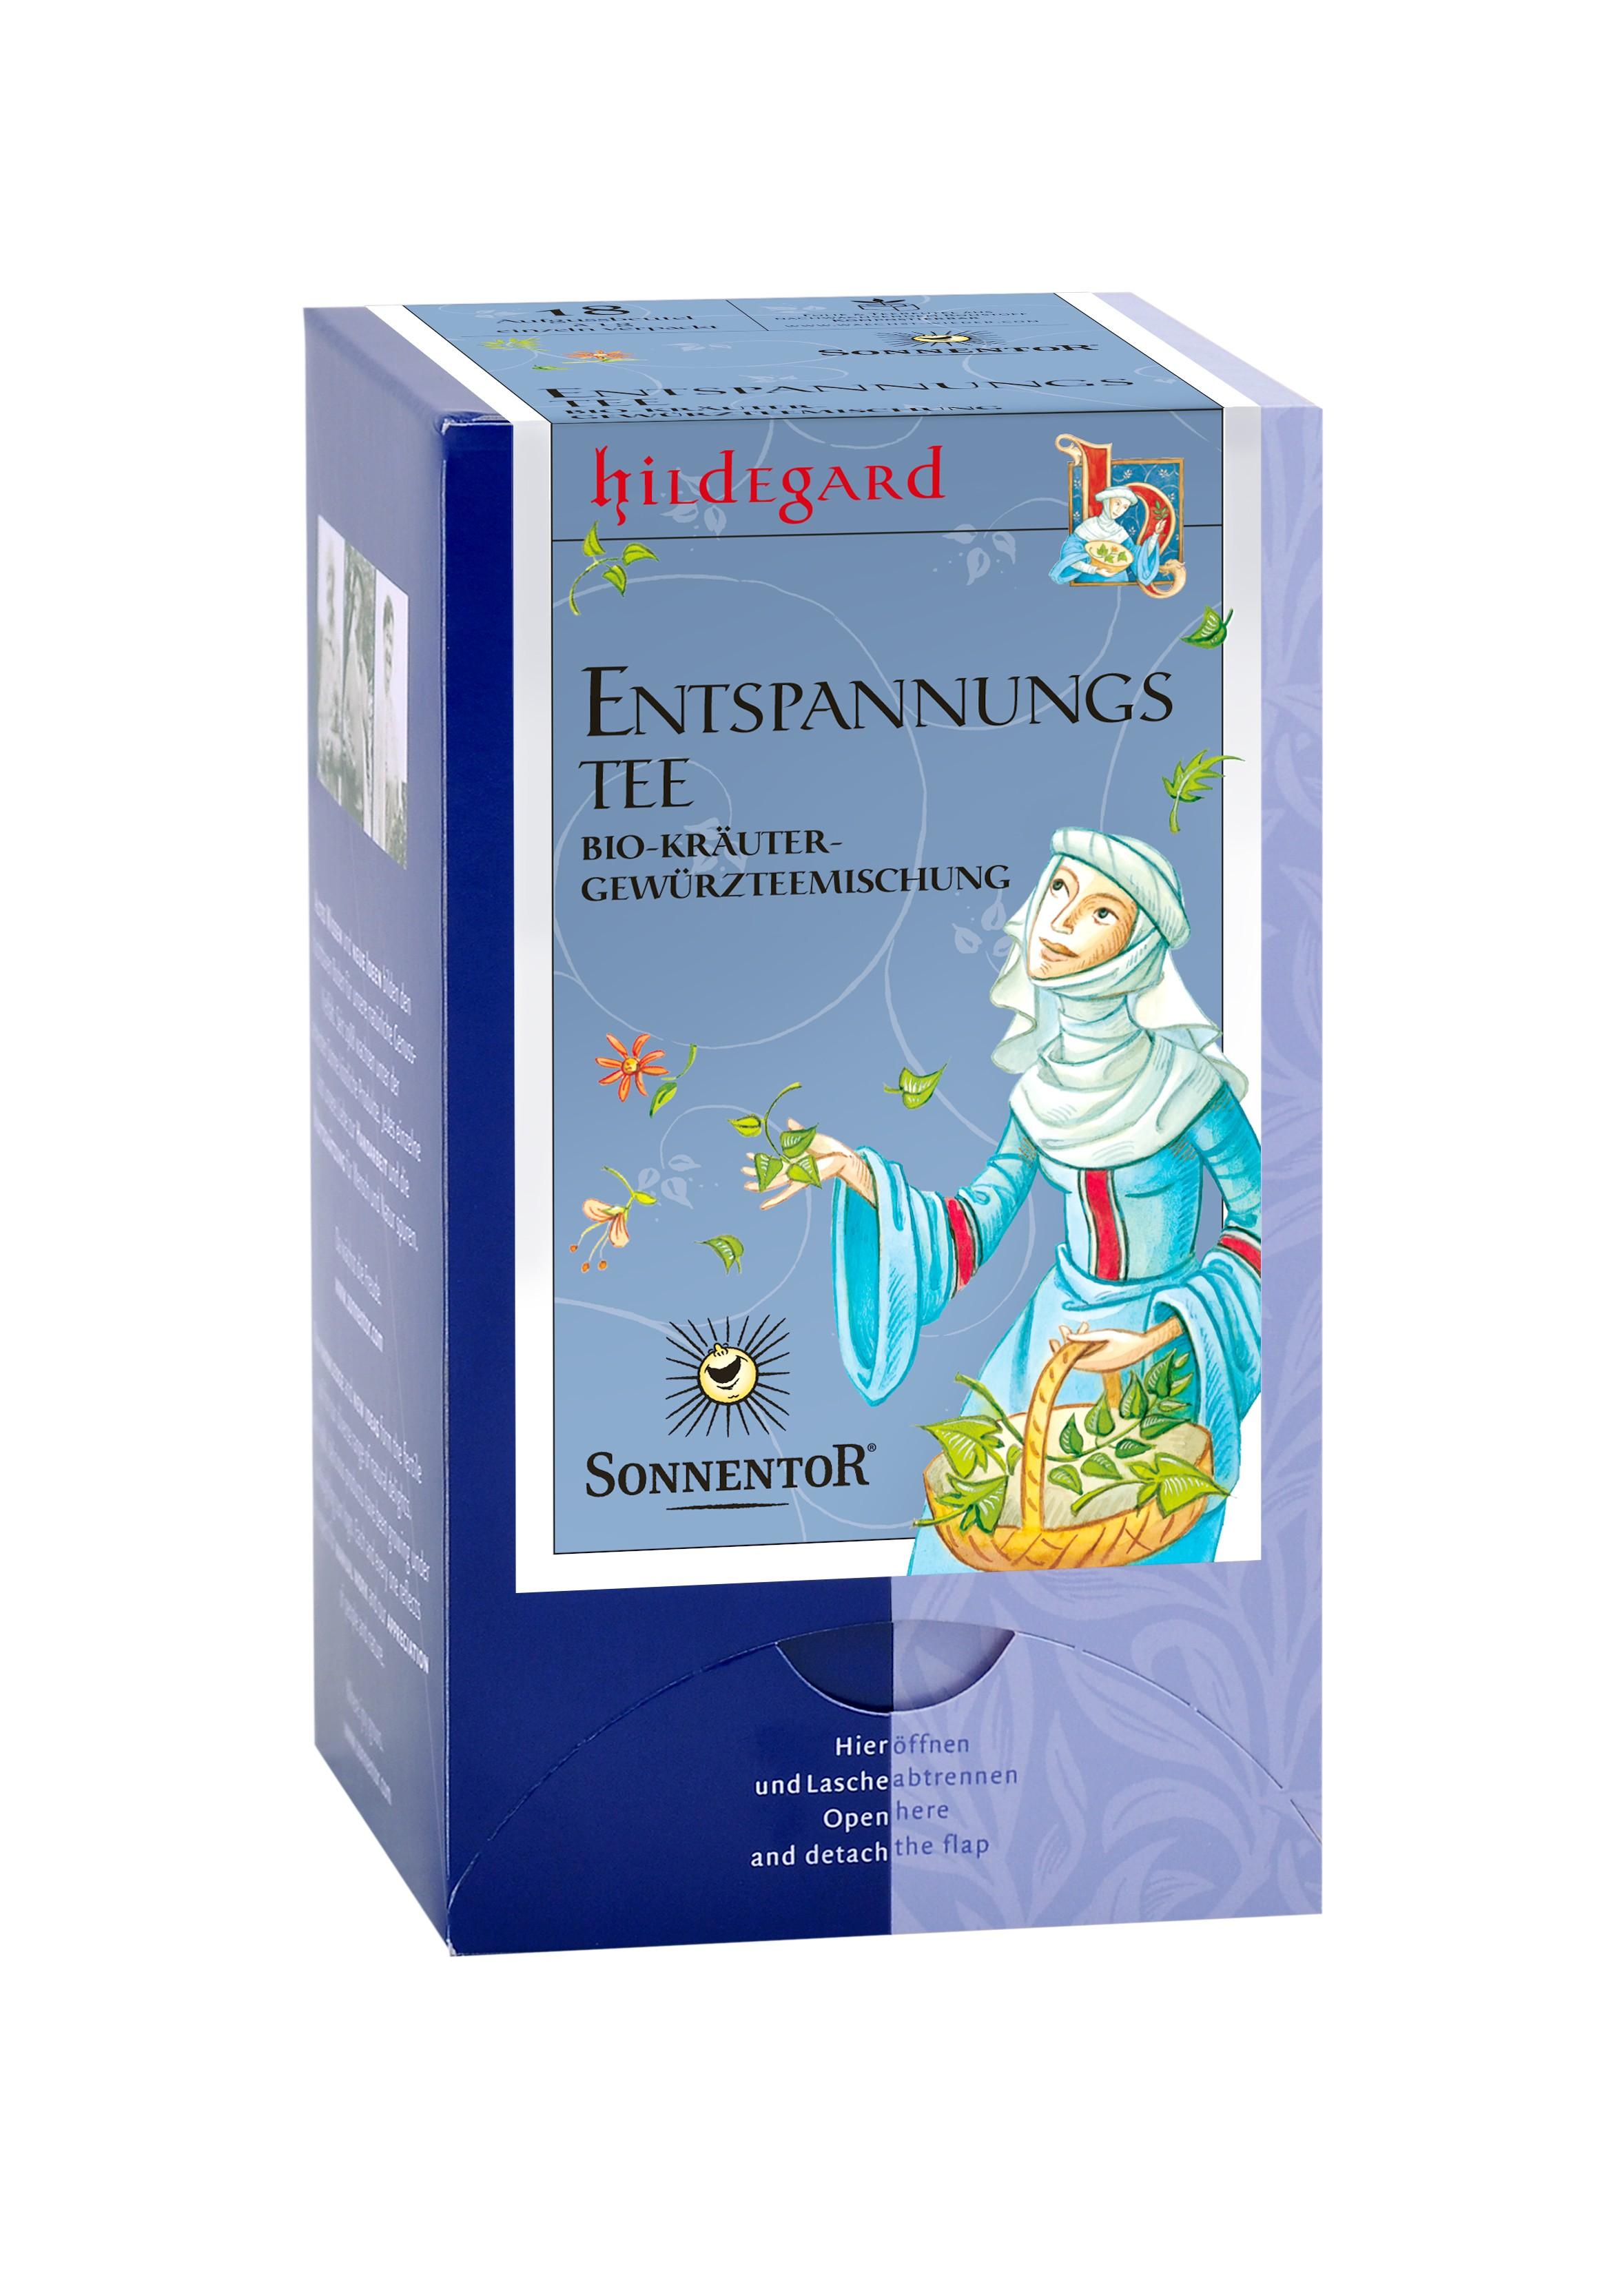 Entspannungstee Hildegard bio